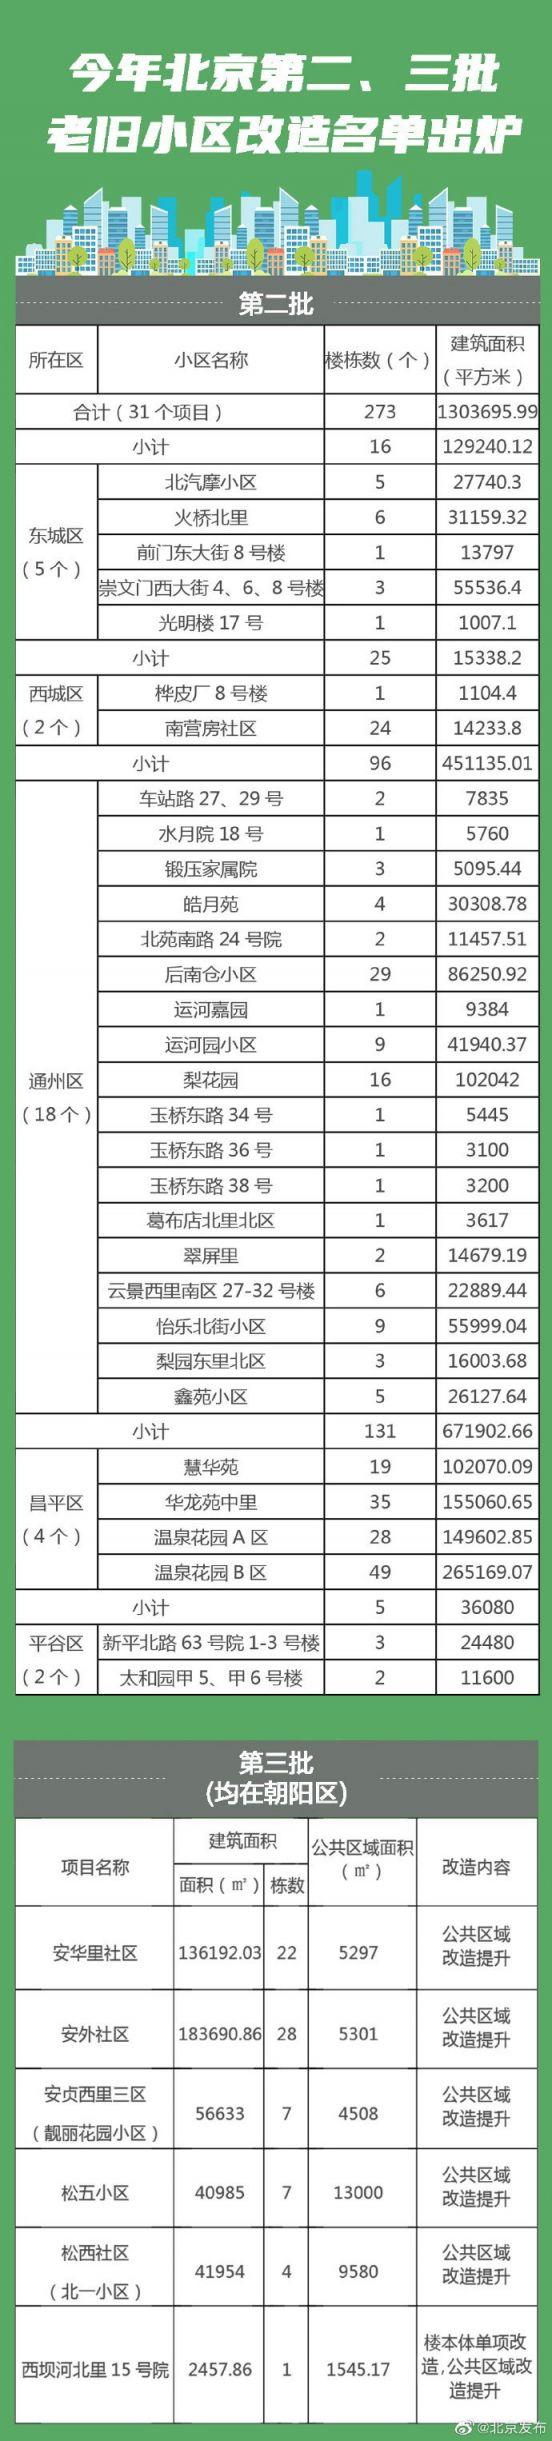 2020年北京第二三批老旧小区改造名单公布(图)